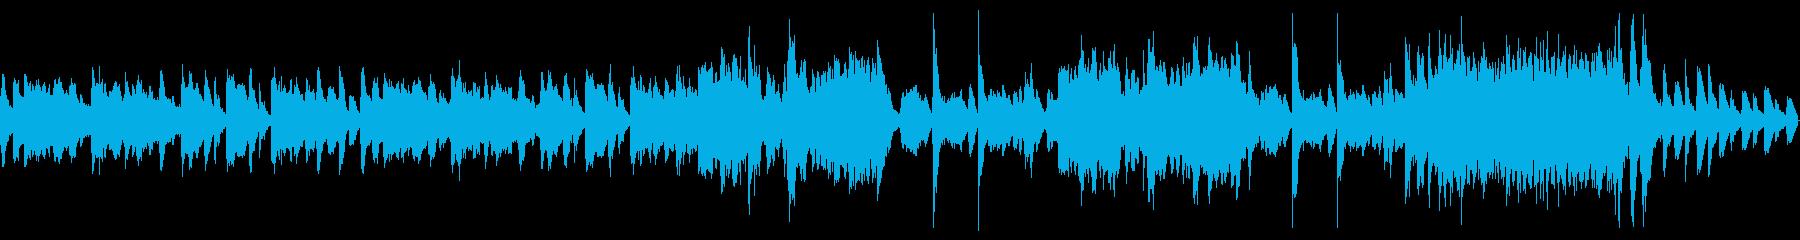 鍛冶屋の雰囲気漂う管弦楽曲の再生済みの波形